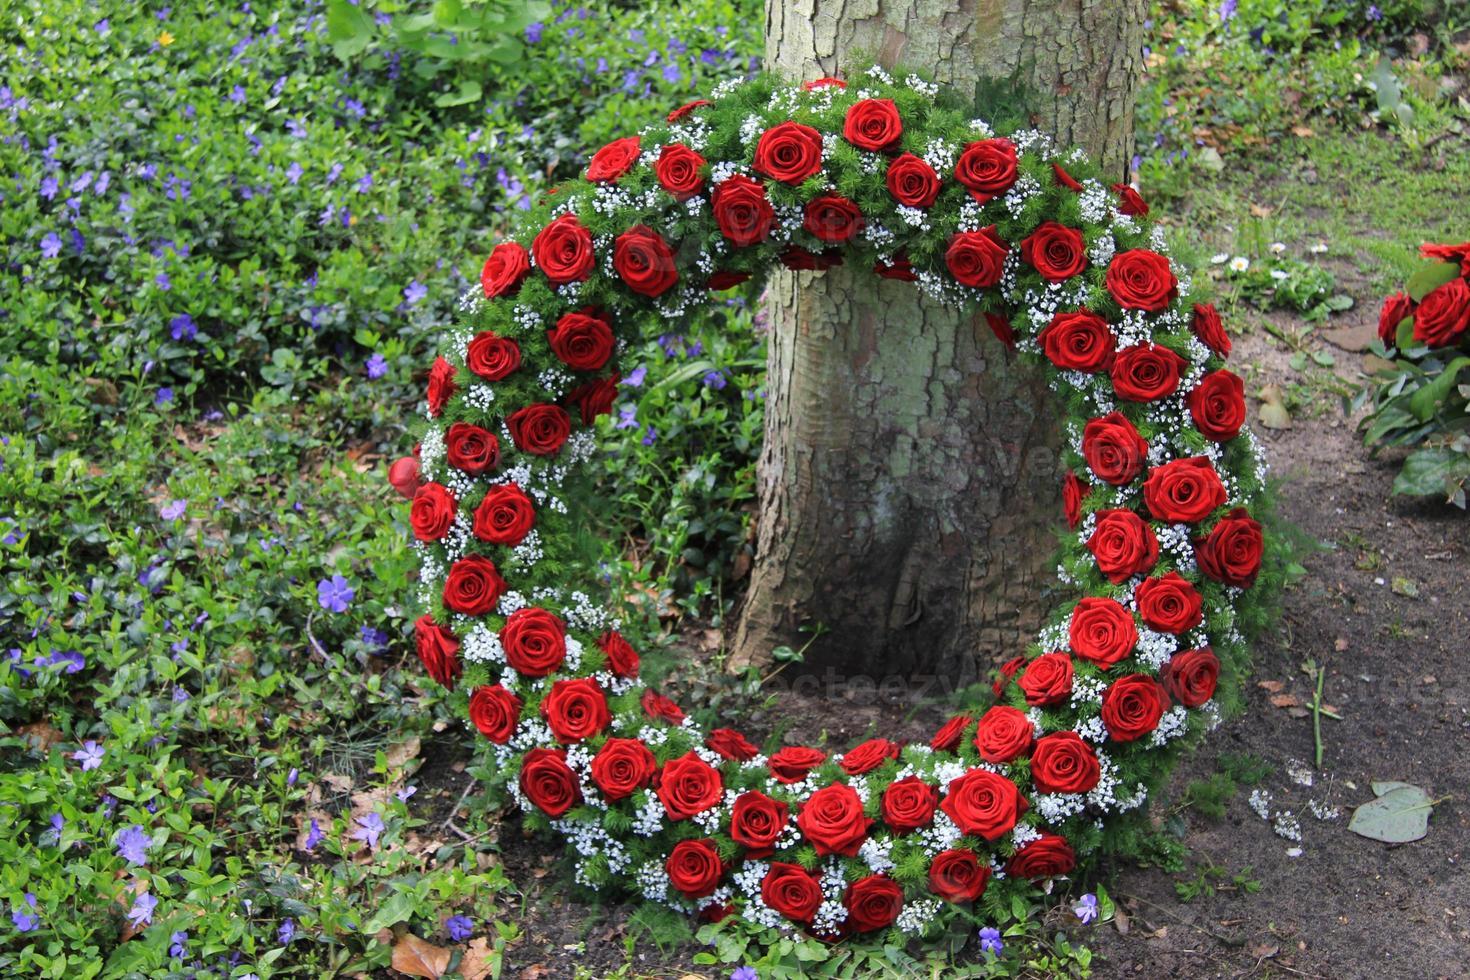 begrafenis rode rozenkrans bij een boom foto